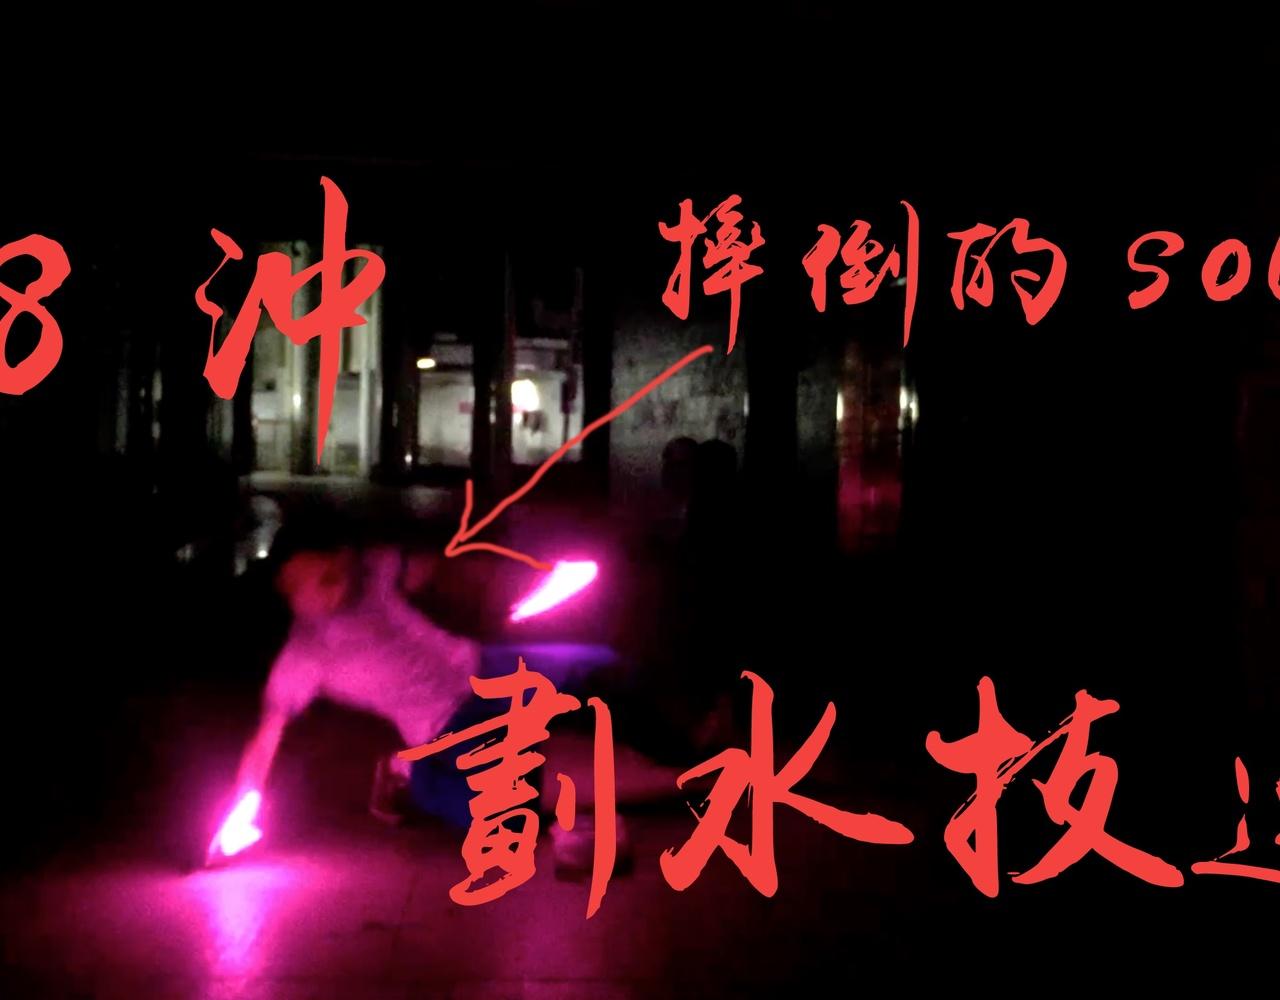 【wota艺】【技连】六个人,三对pl,三对arc